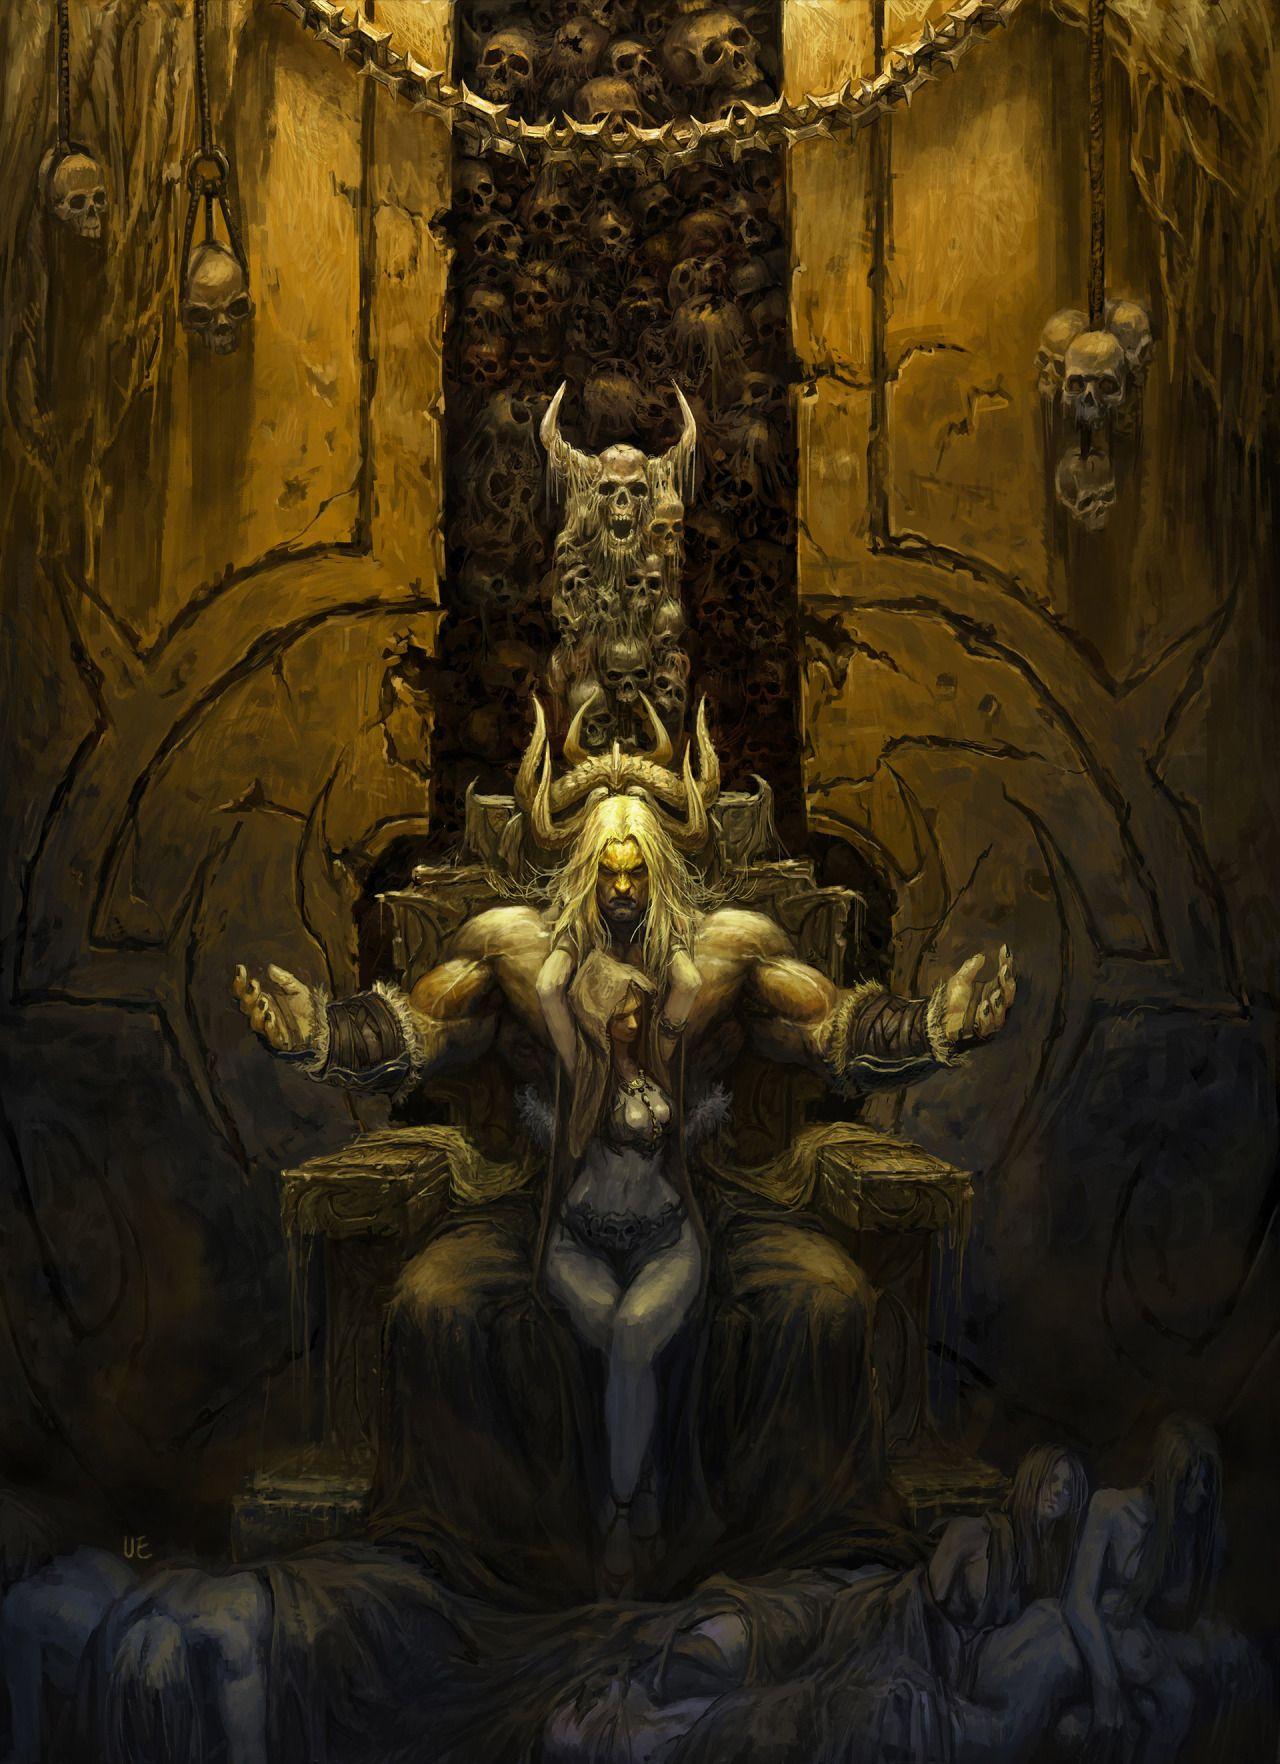 HD wallpaper: dark fantasy, fantasy art, skeleton, artwork